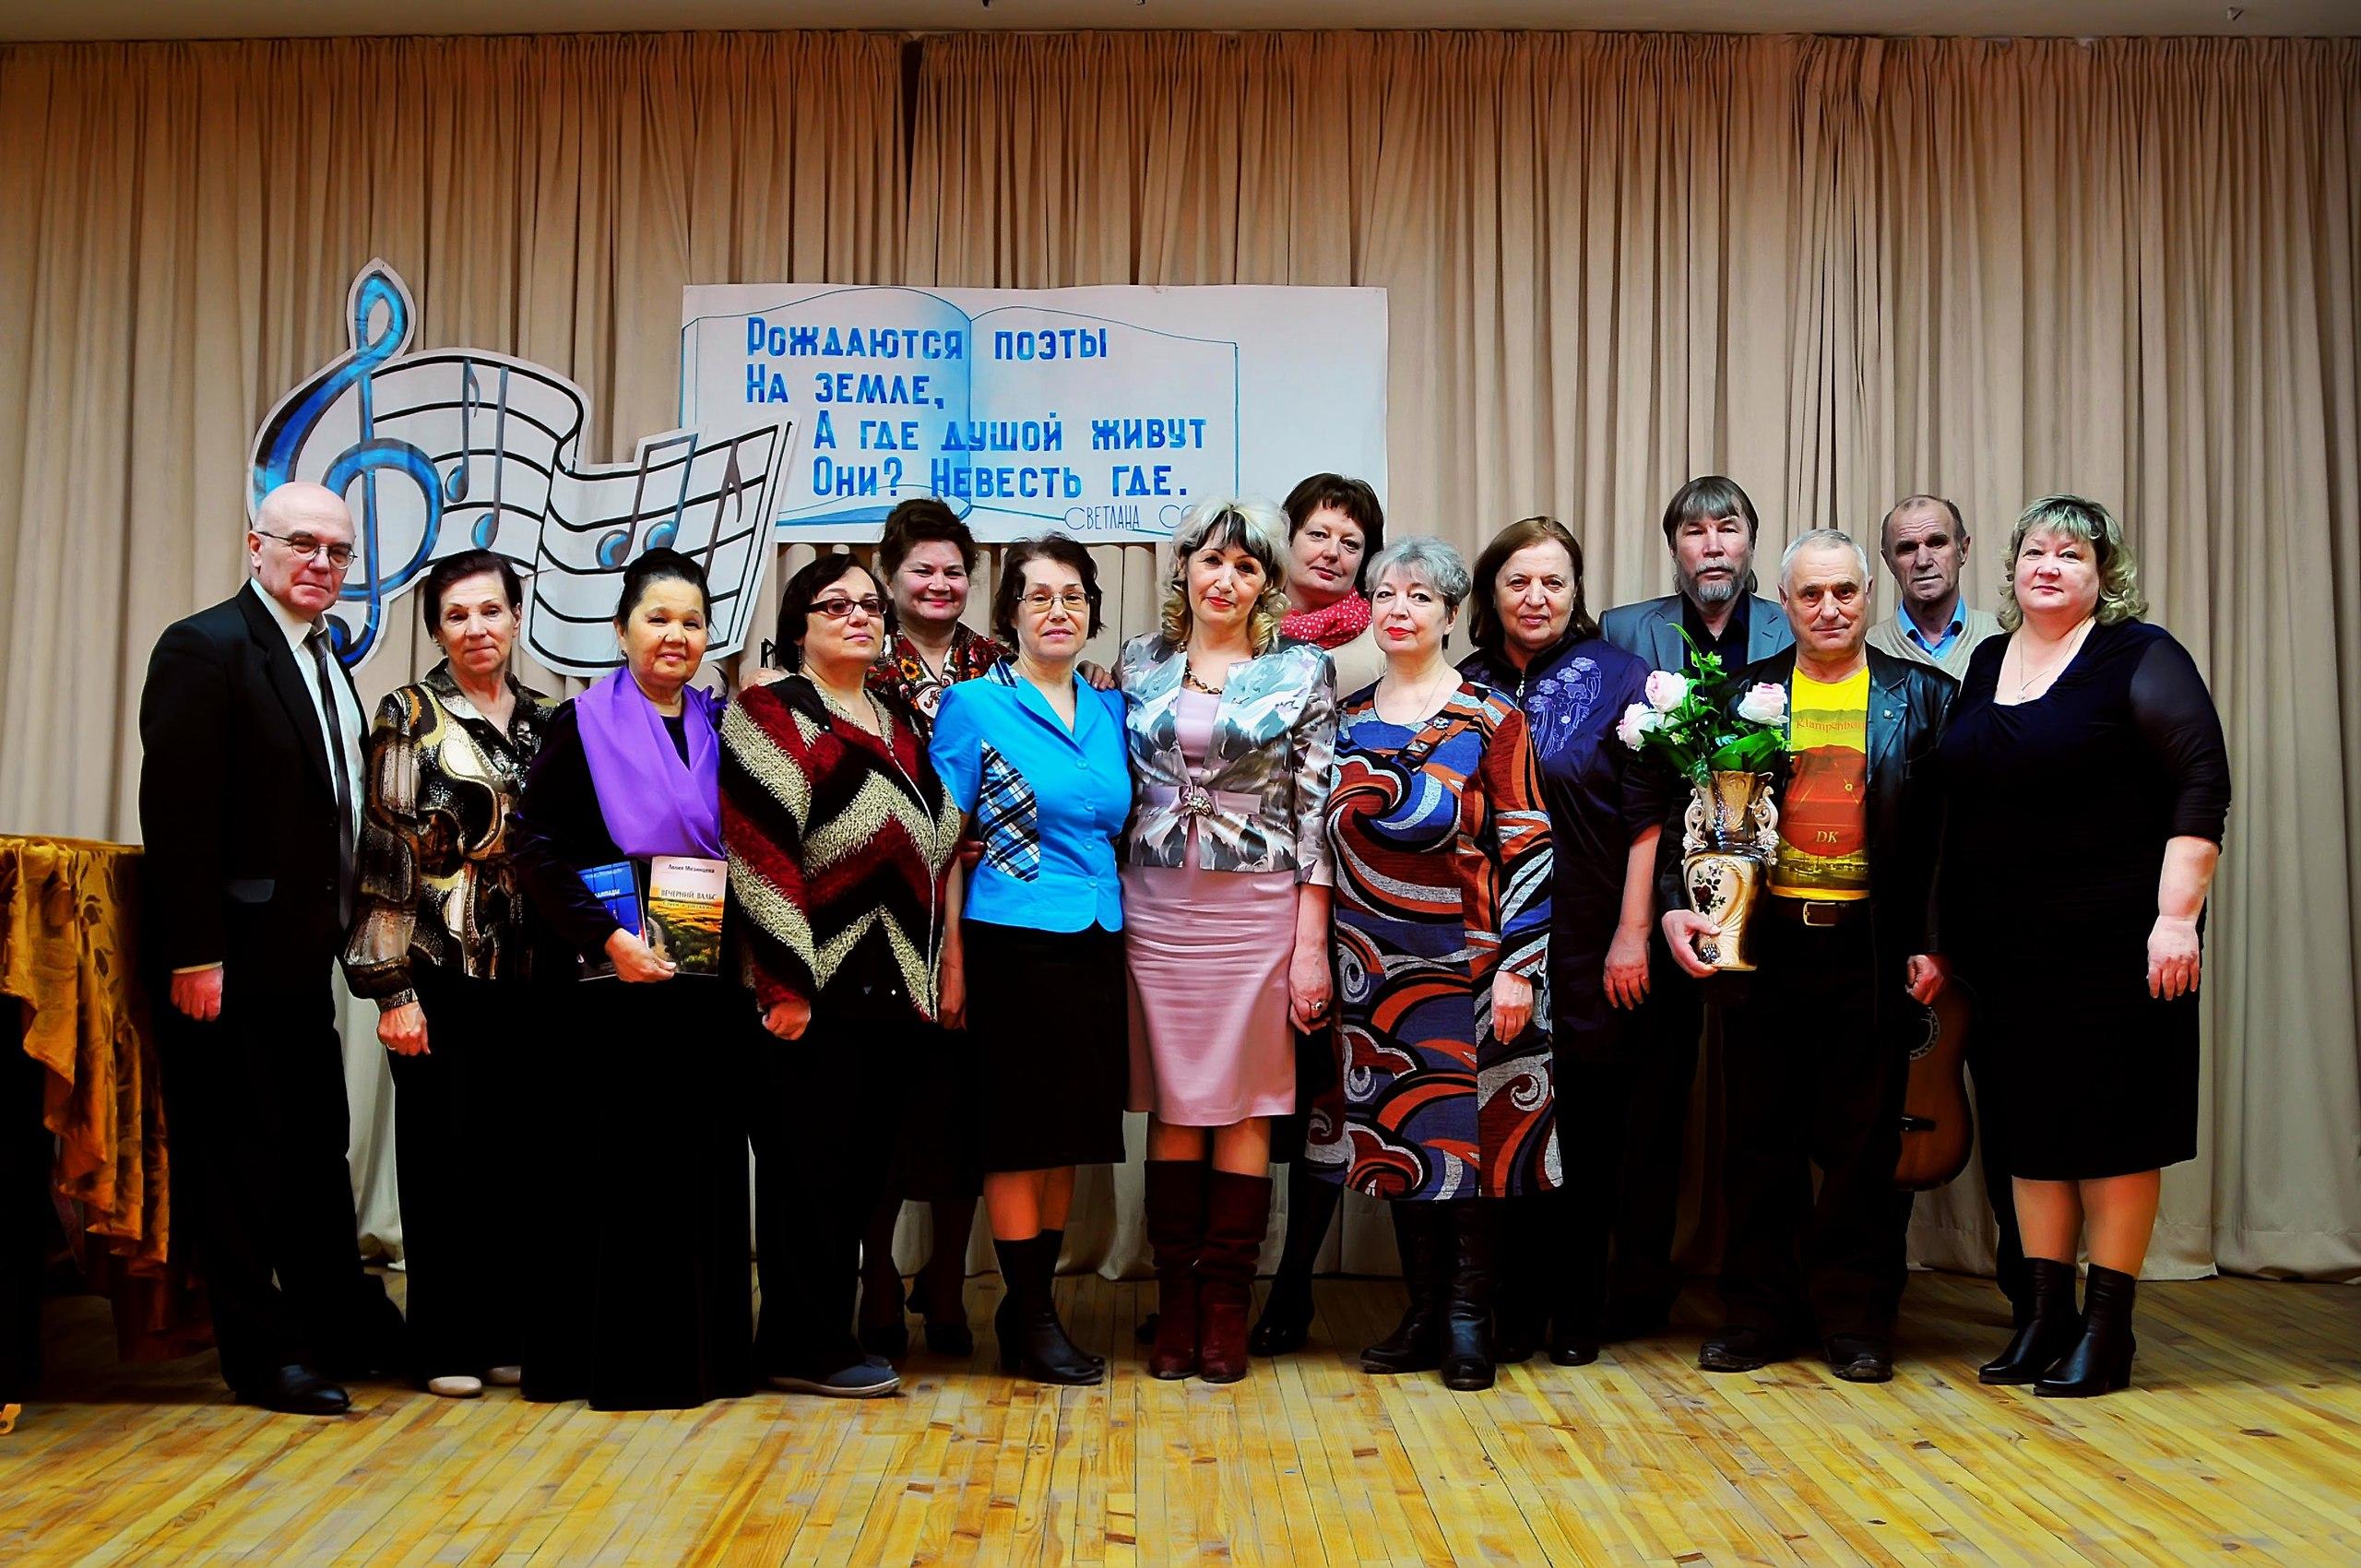 Вечер памяти тобольской поэтессы Светланы Соловьёвой